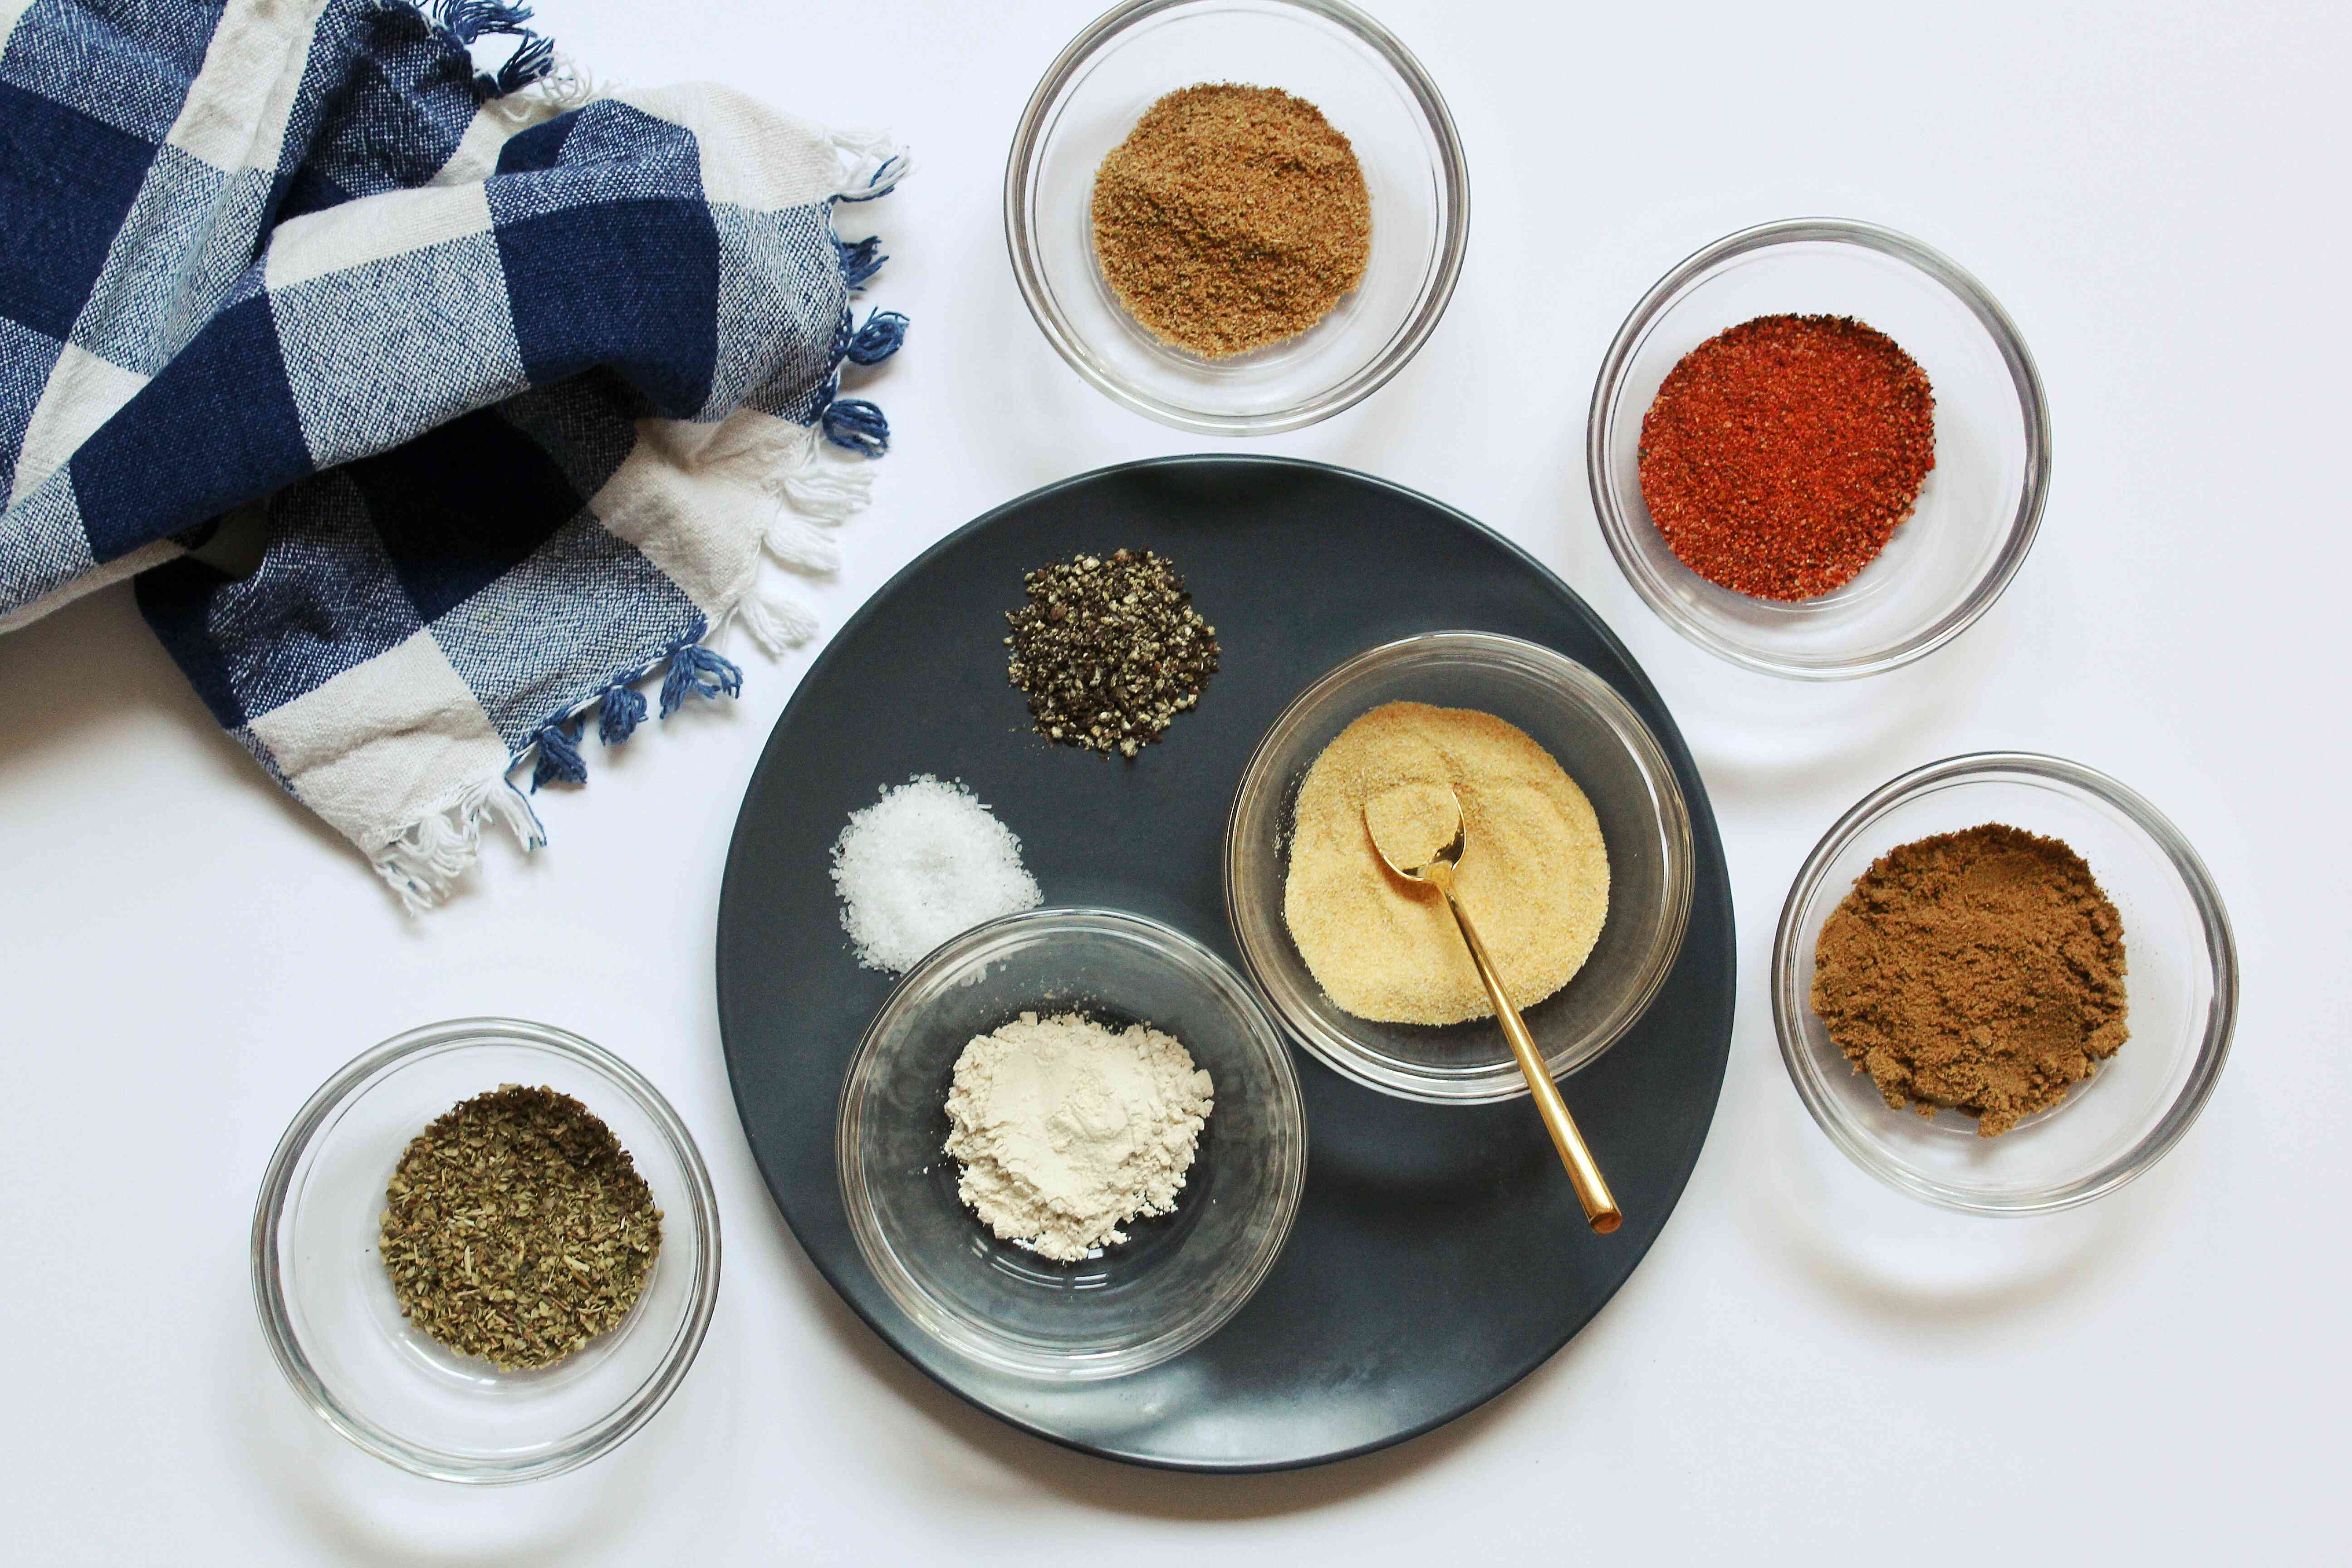 ingredients for homemade sazon seasoning